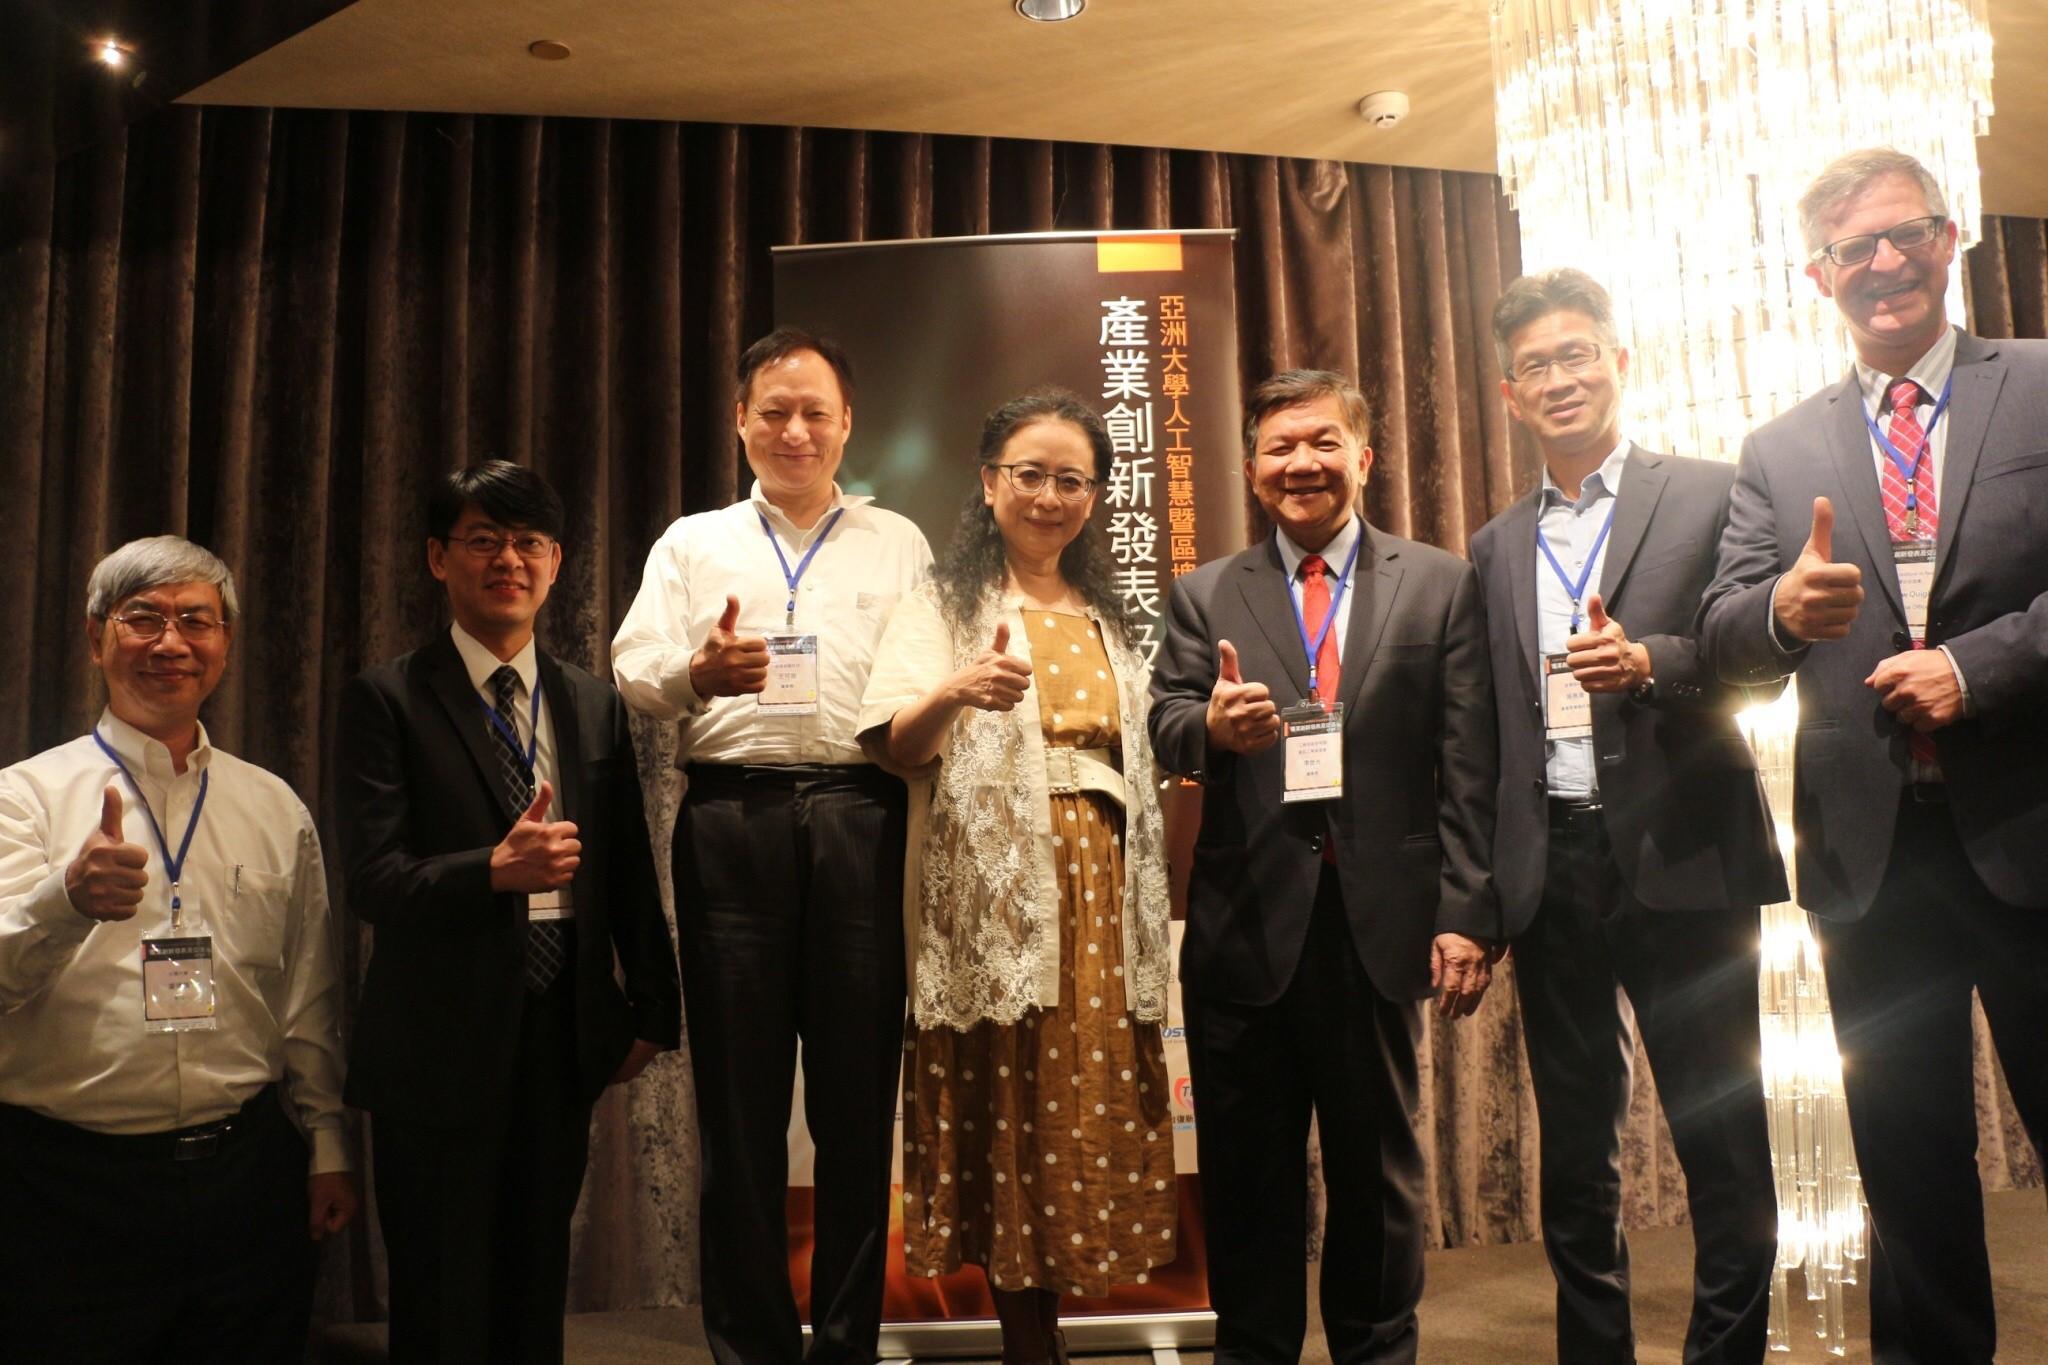 台灣金融科技公司vs亞洲大學iABC發表會